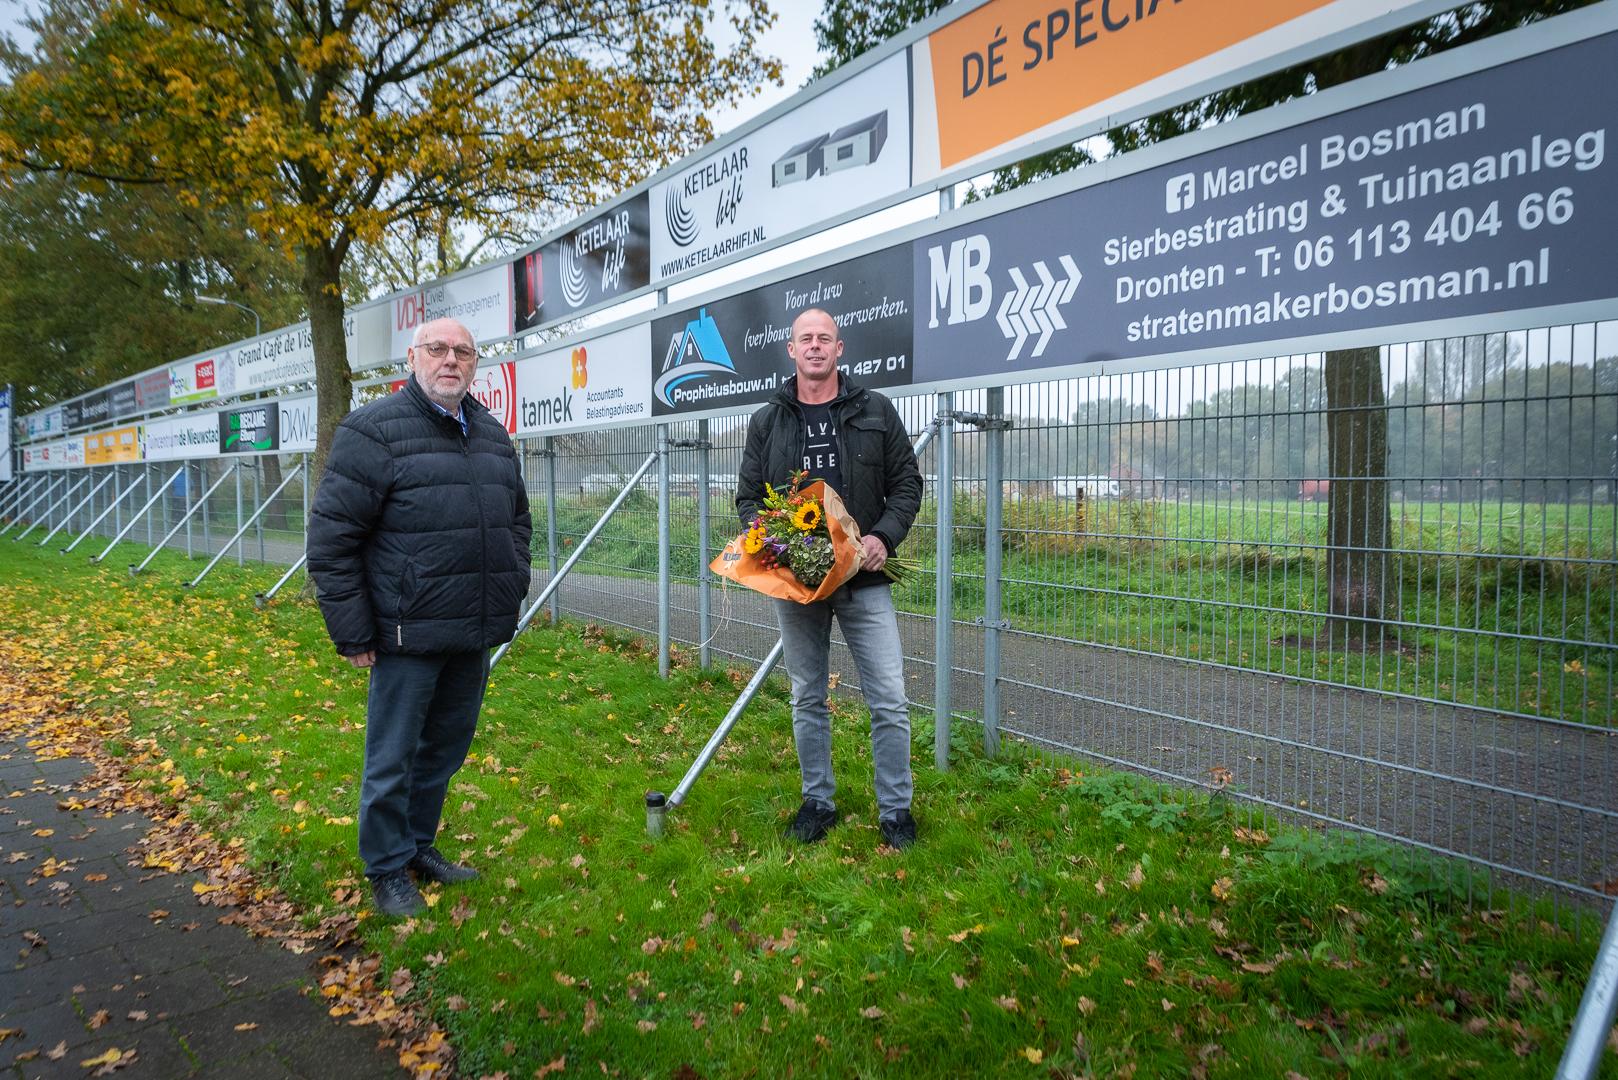 Elburger SC verwelkomt Stratenmaker Marcel Bosman als nieuwe sponsor - Elburger SC